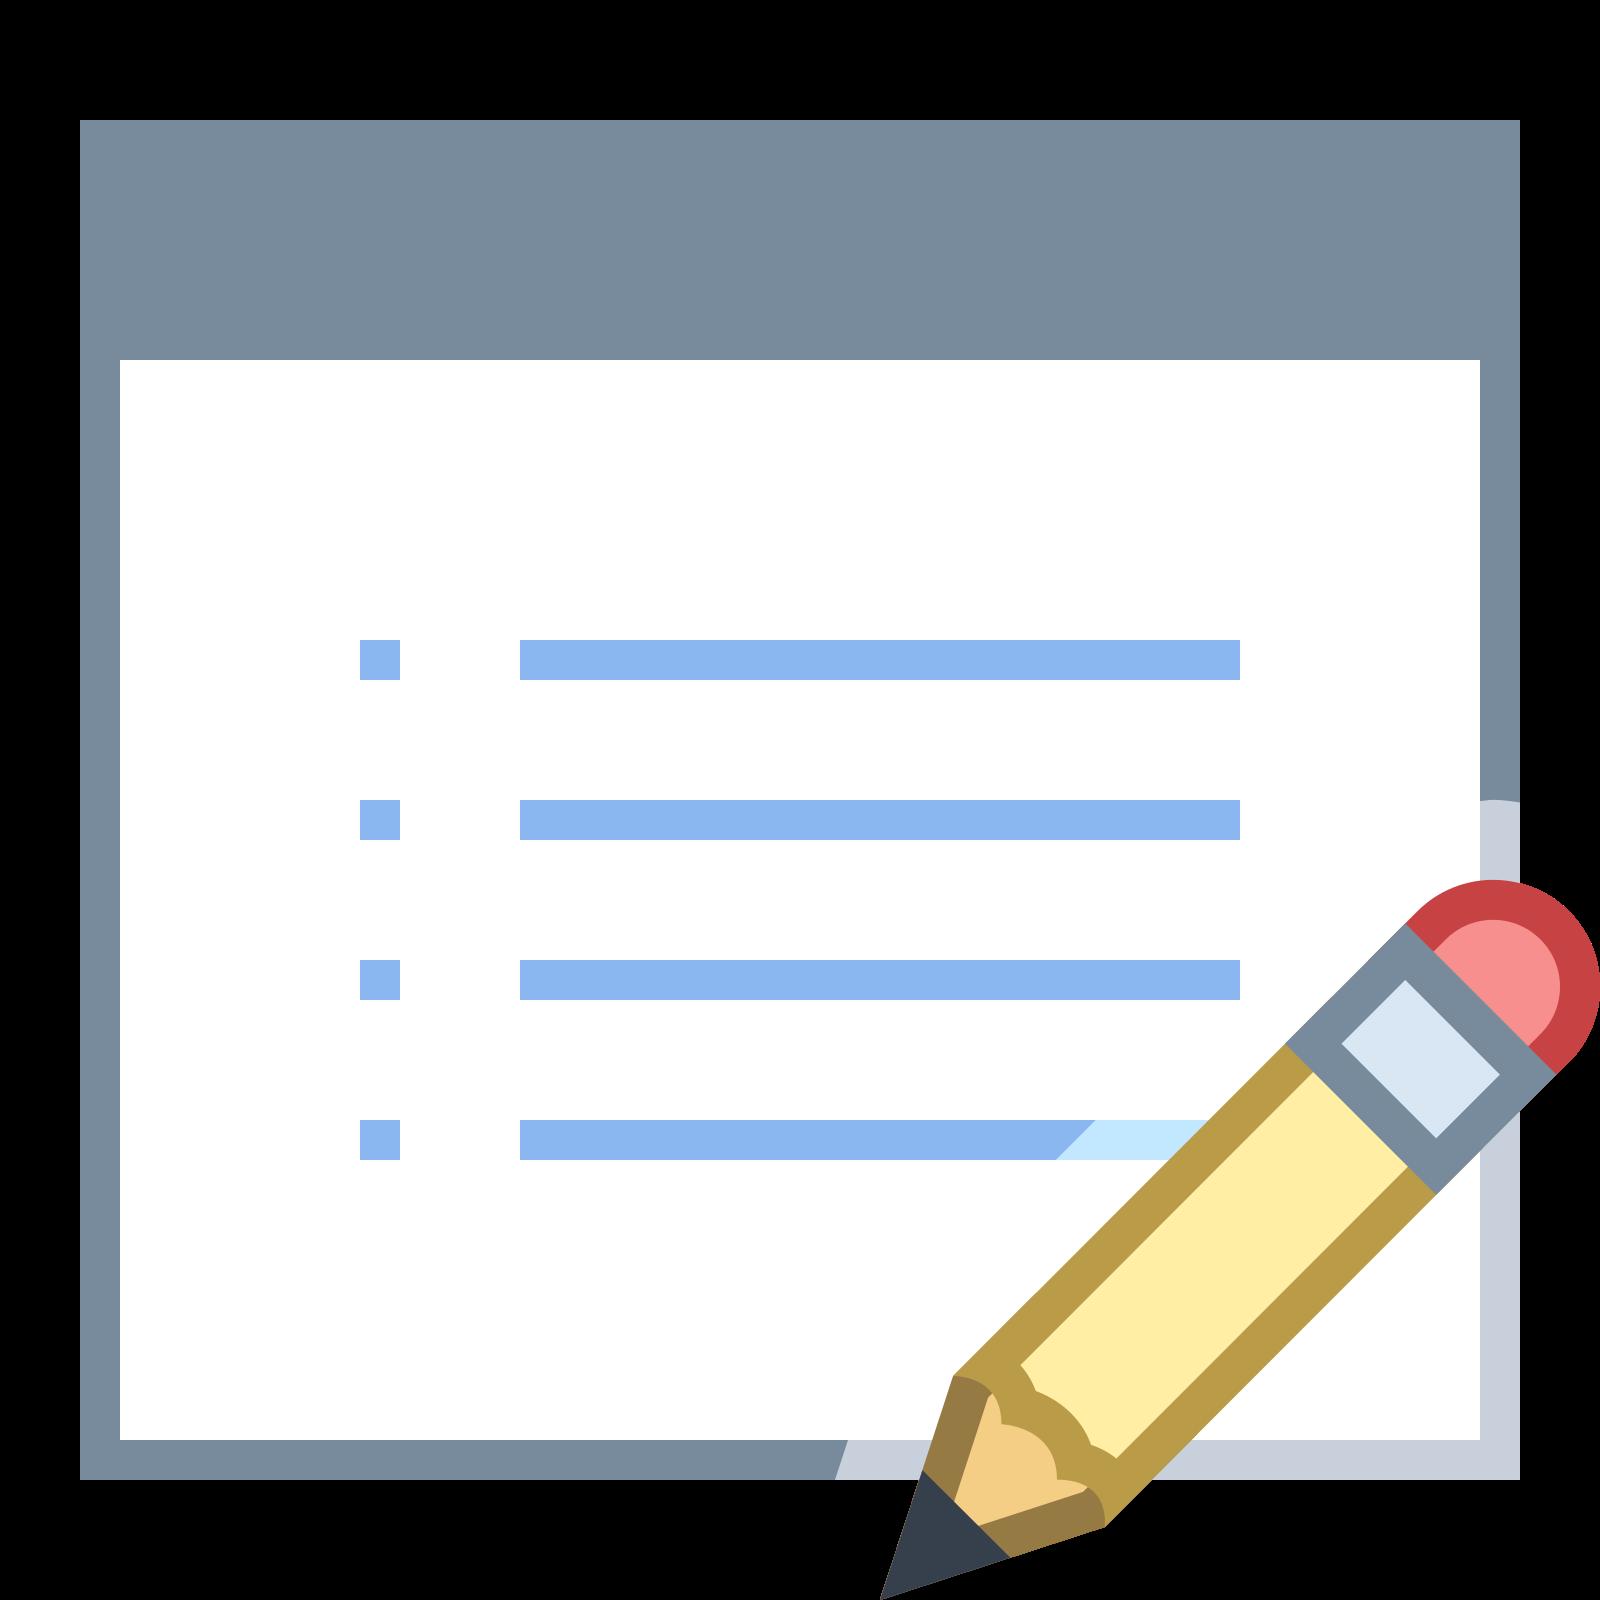 プロパティの編集 icon. The icon depicts a rectangular chart with bullet points and lines indicating this is a list. In the bottom right portion of the chart is an image of a pencil overlapping the image.